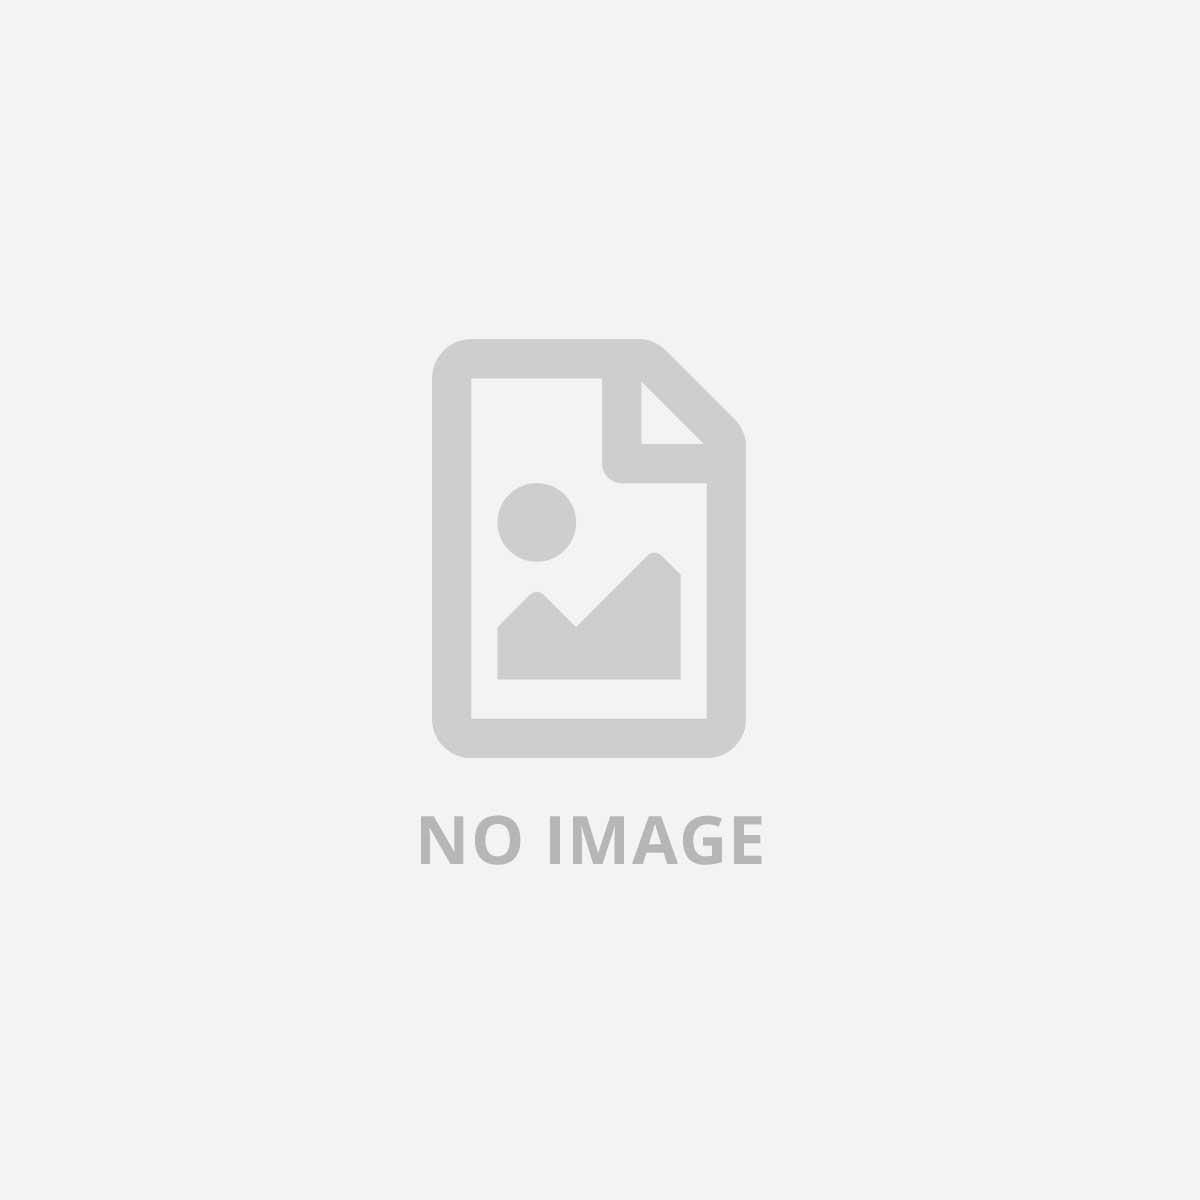 FUJITSU NVIDIA QUADRO P5000 16 GB